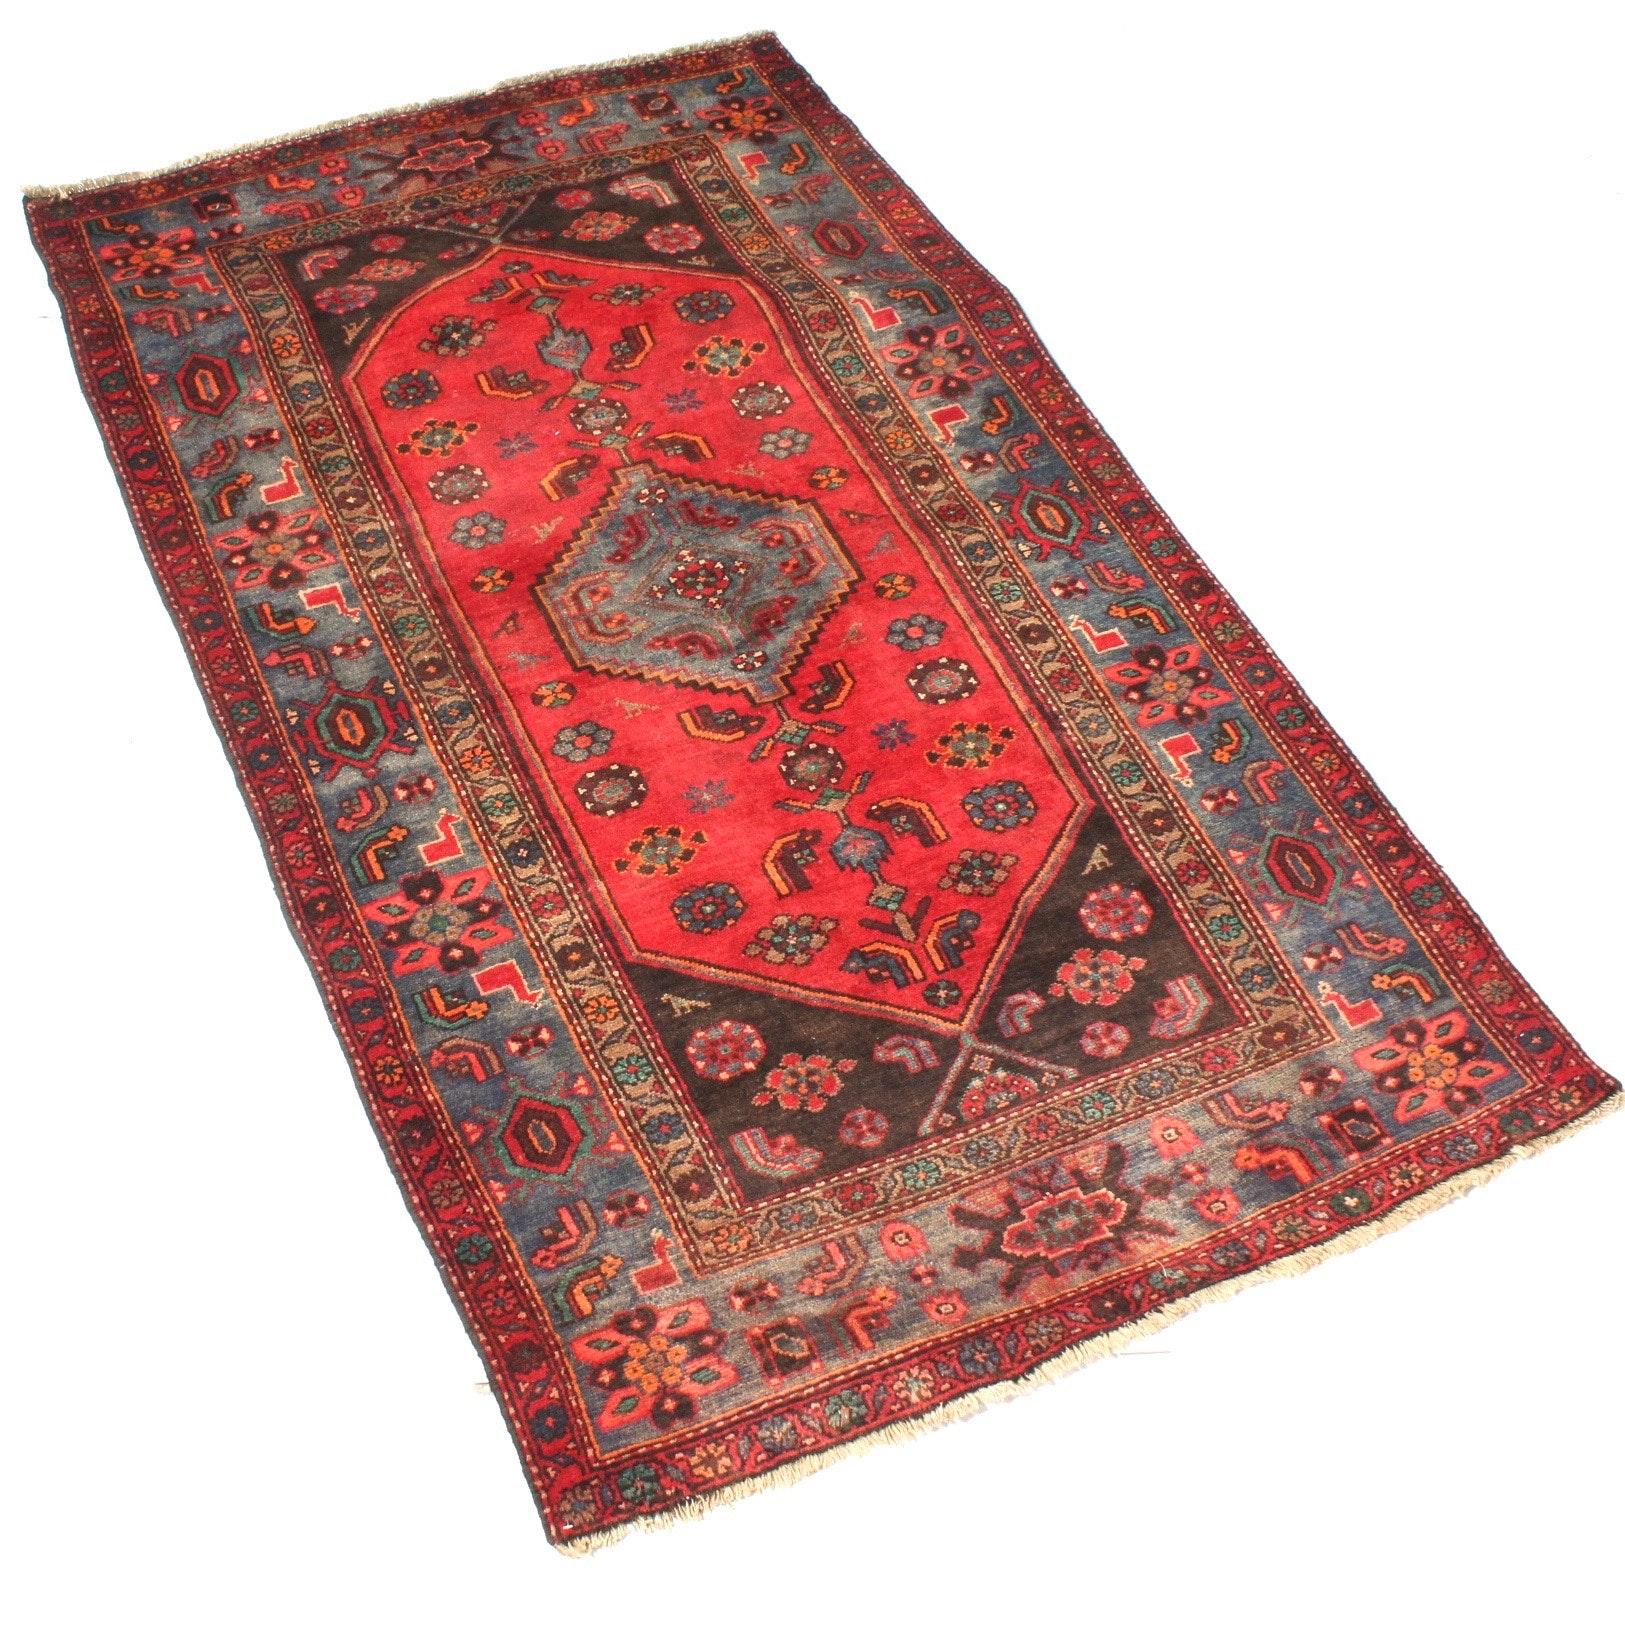 Vintage Hand-Knotted Persian Kurdish Bijar Area Rug